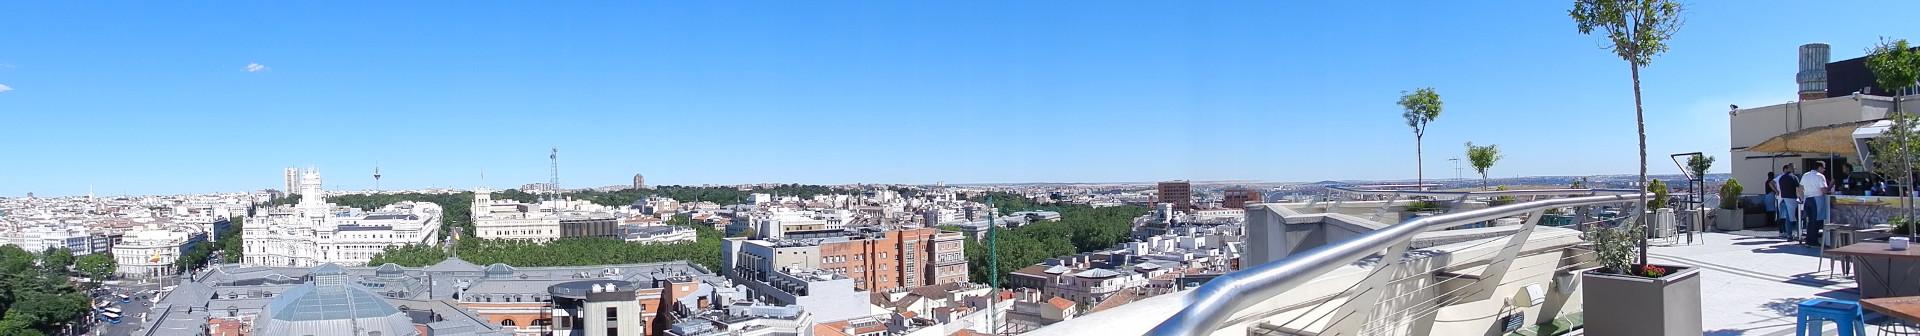 terraza circulo bellas artes madrid